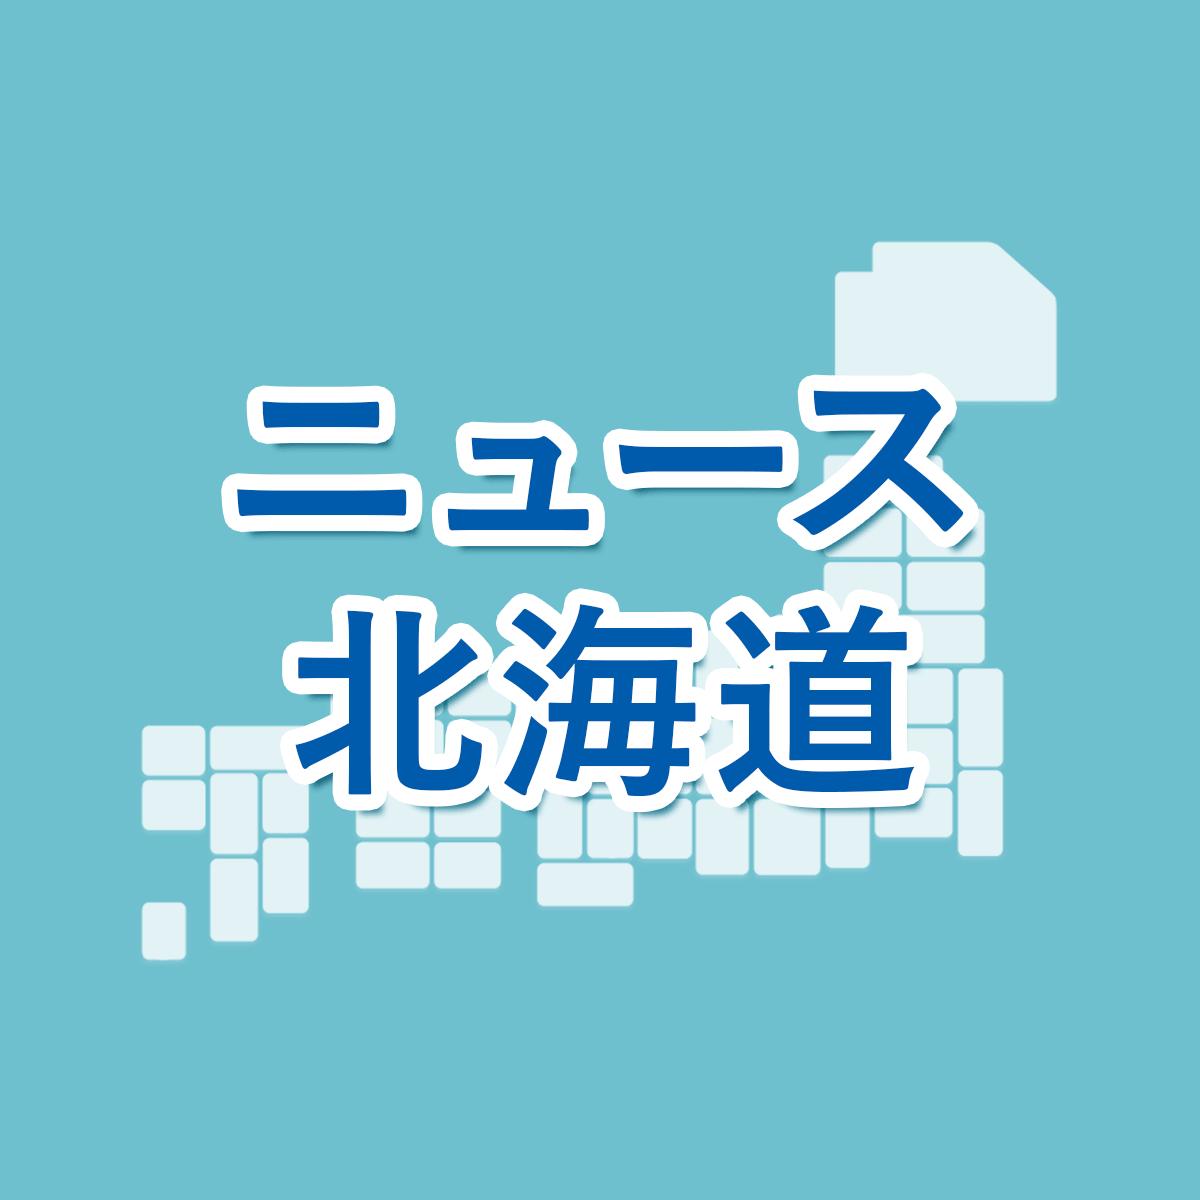 倍率 2021 中間 北海道 発表 高校